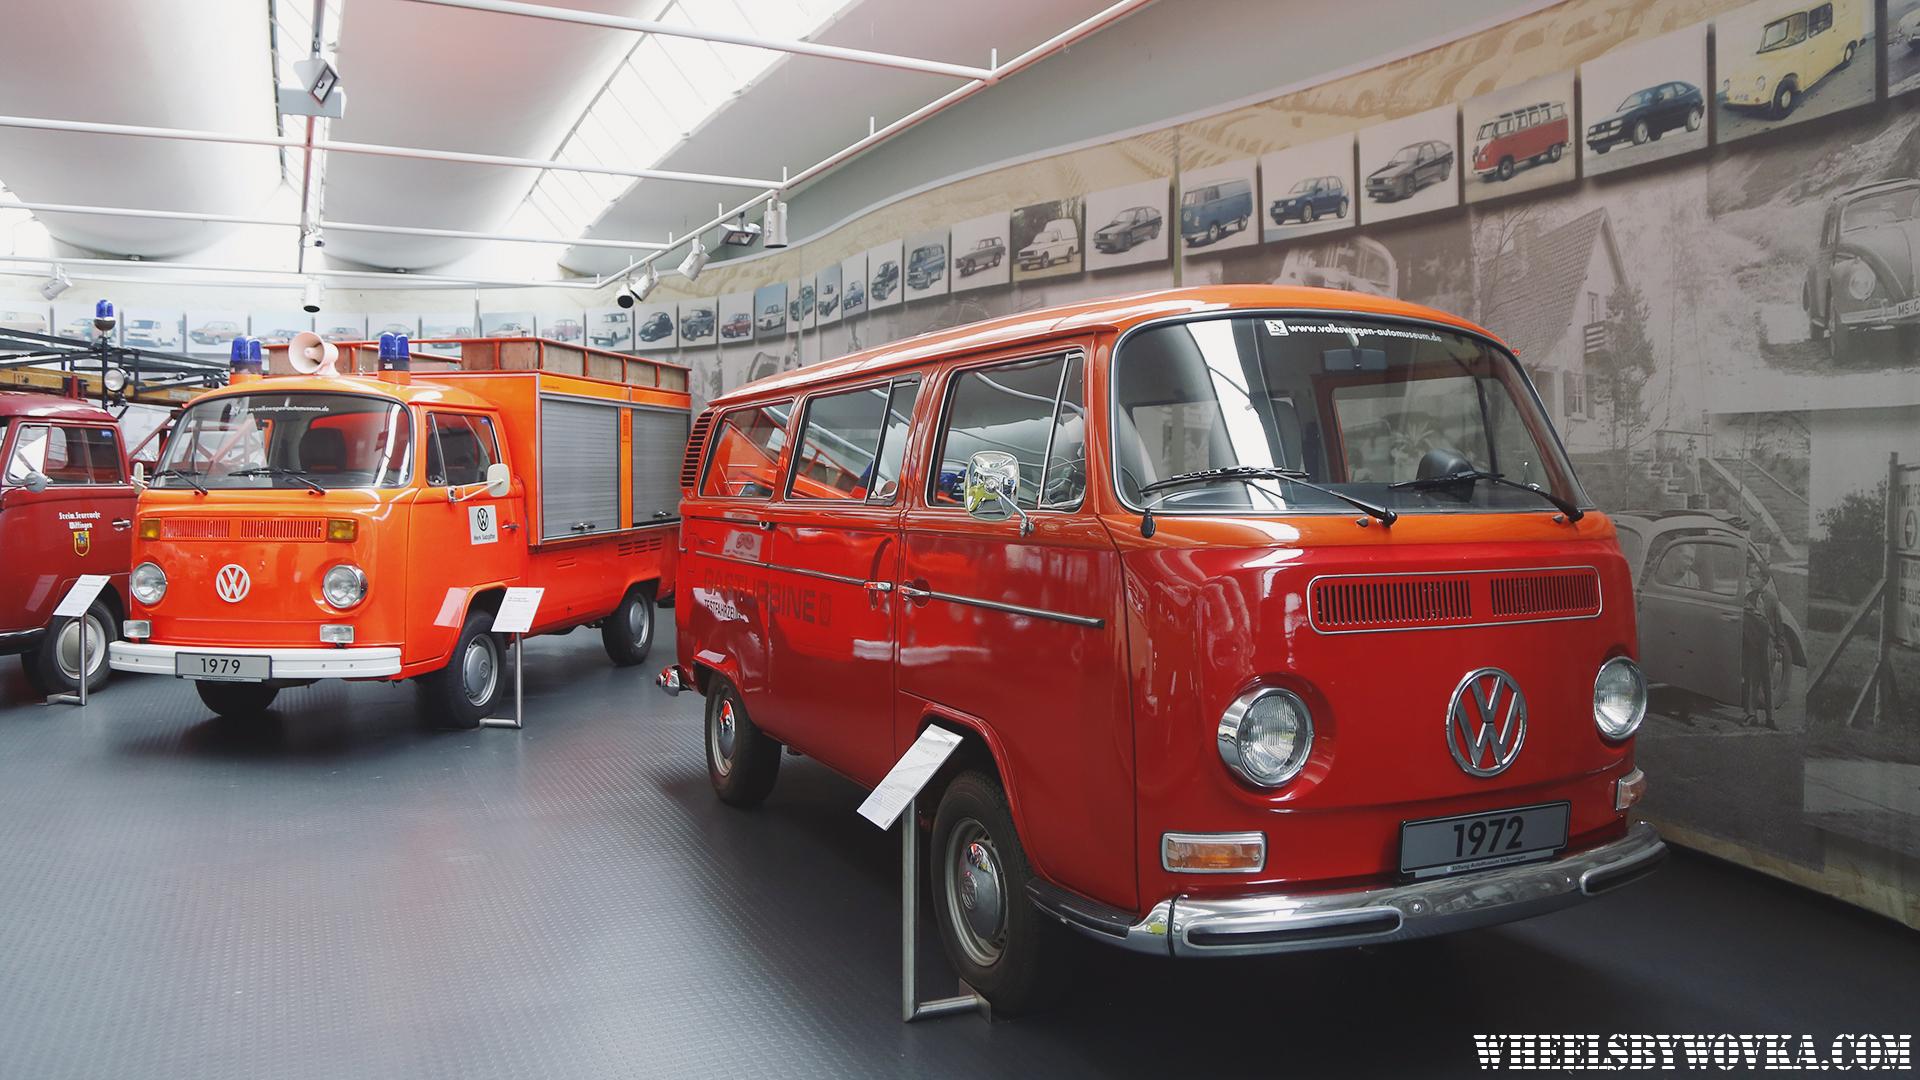 volkswagen-vw-museum-wolfsbourg-tour-by-wheelsbywovka-18